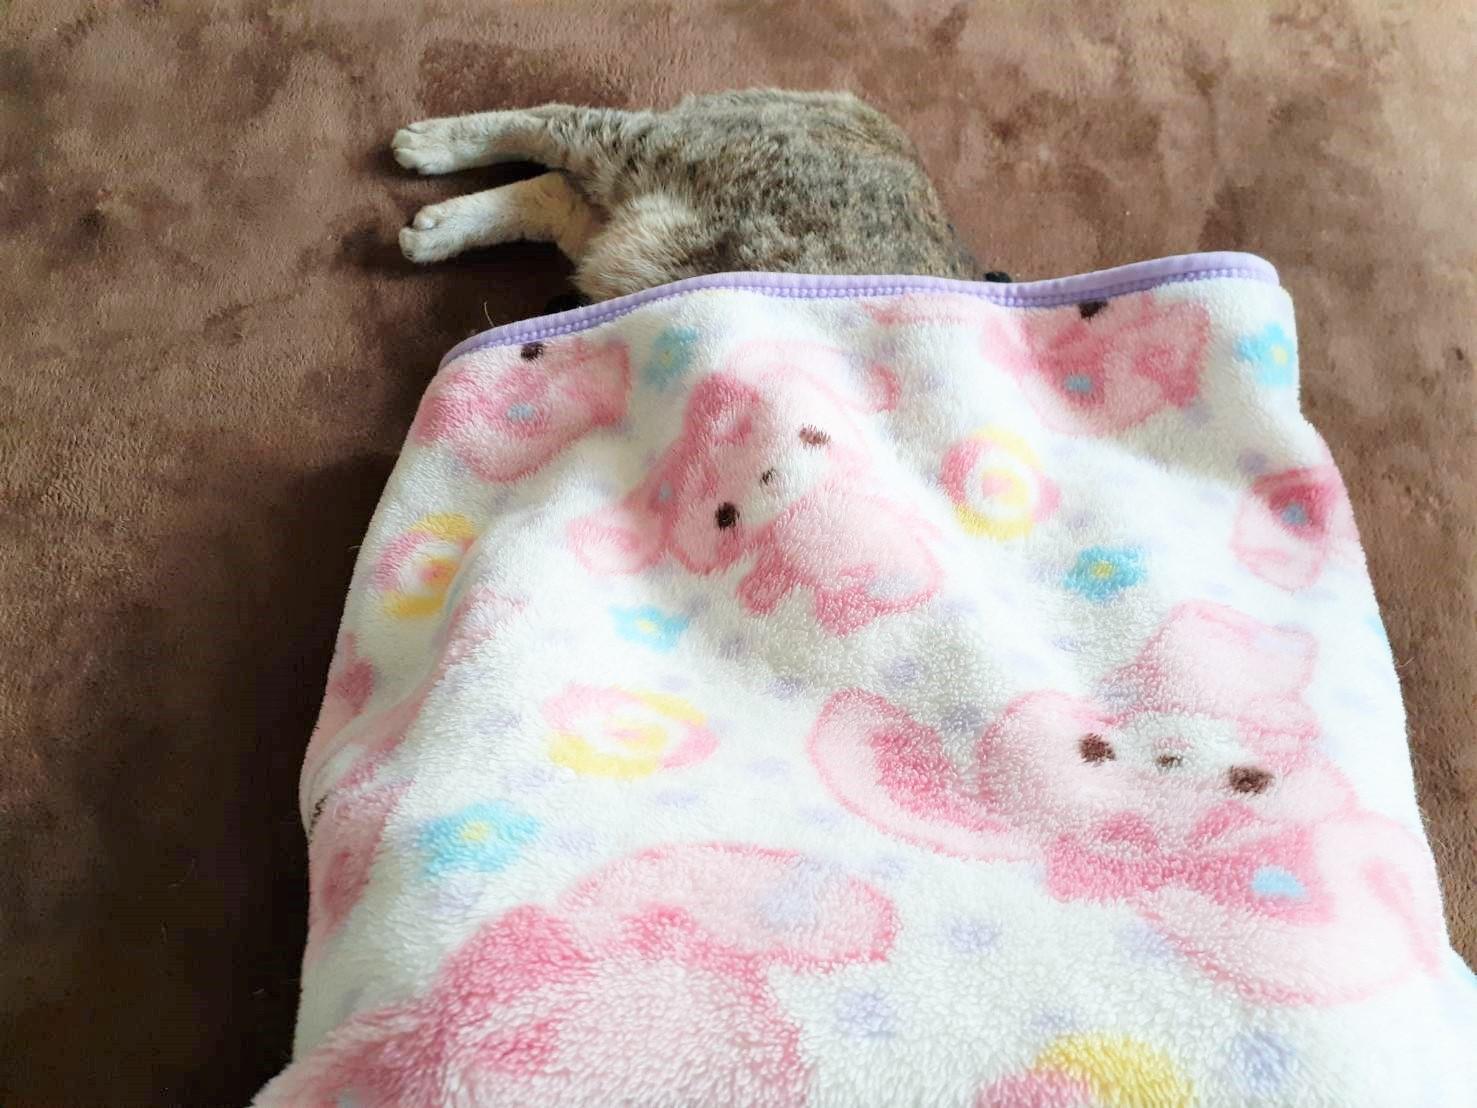 股から猫が生えてます